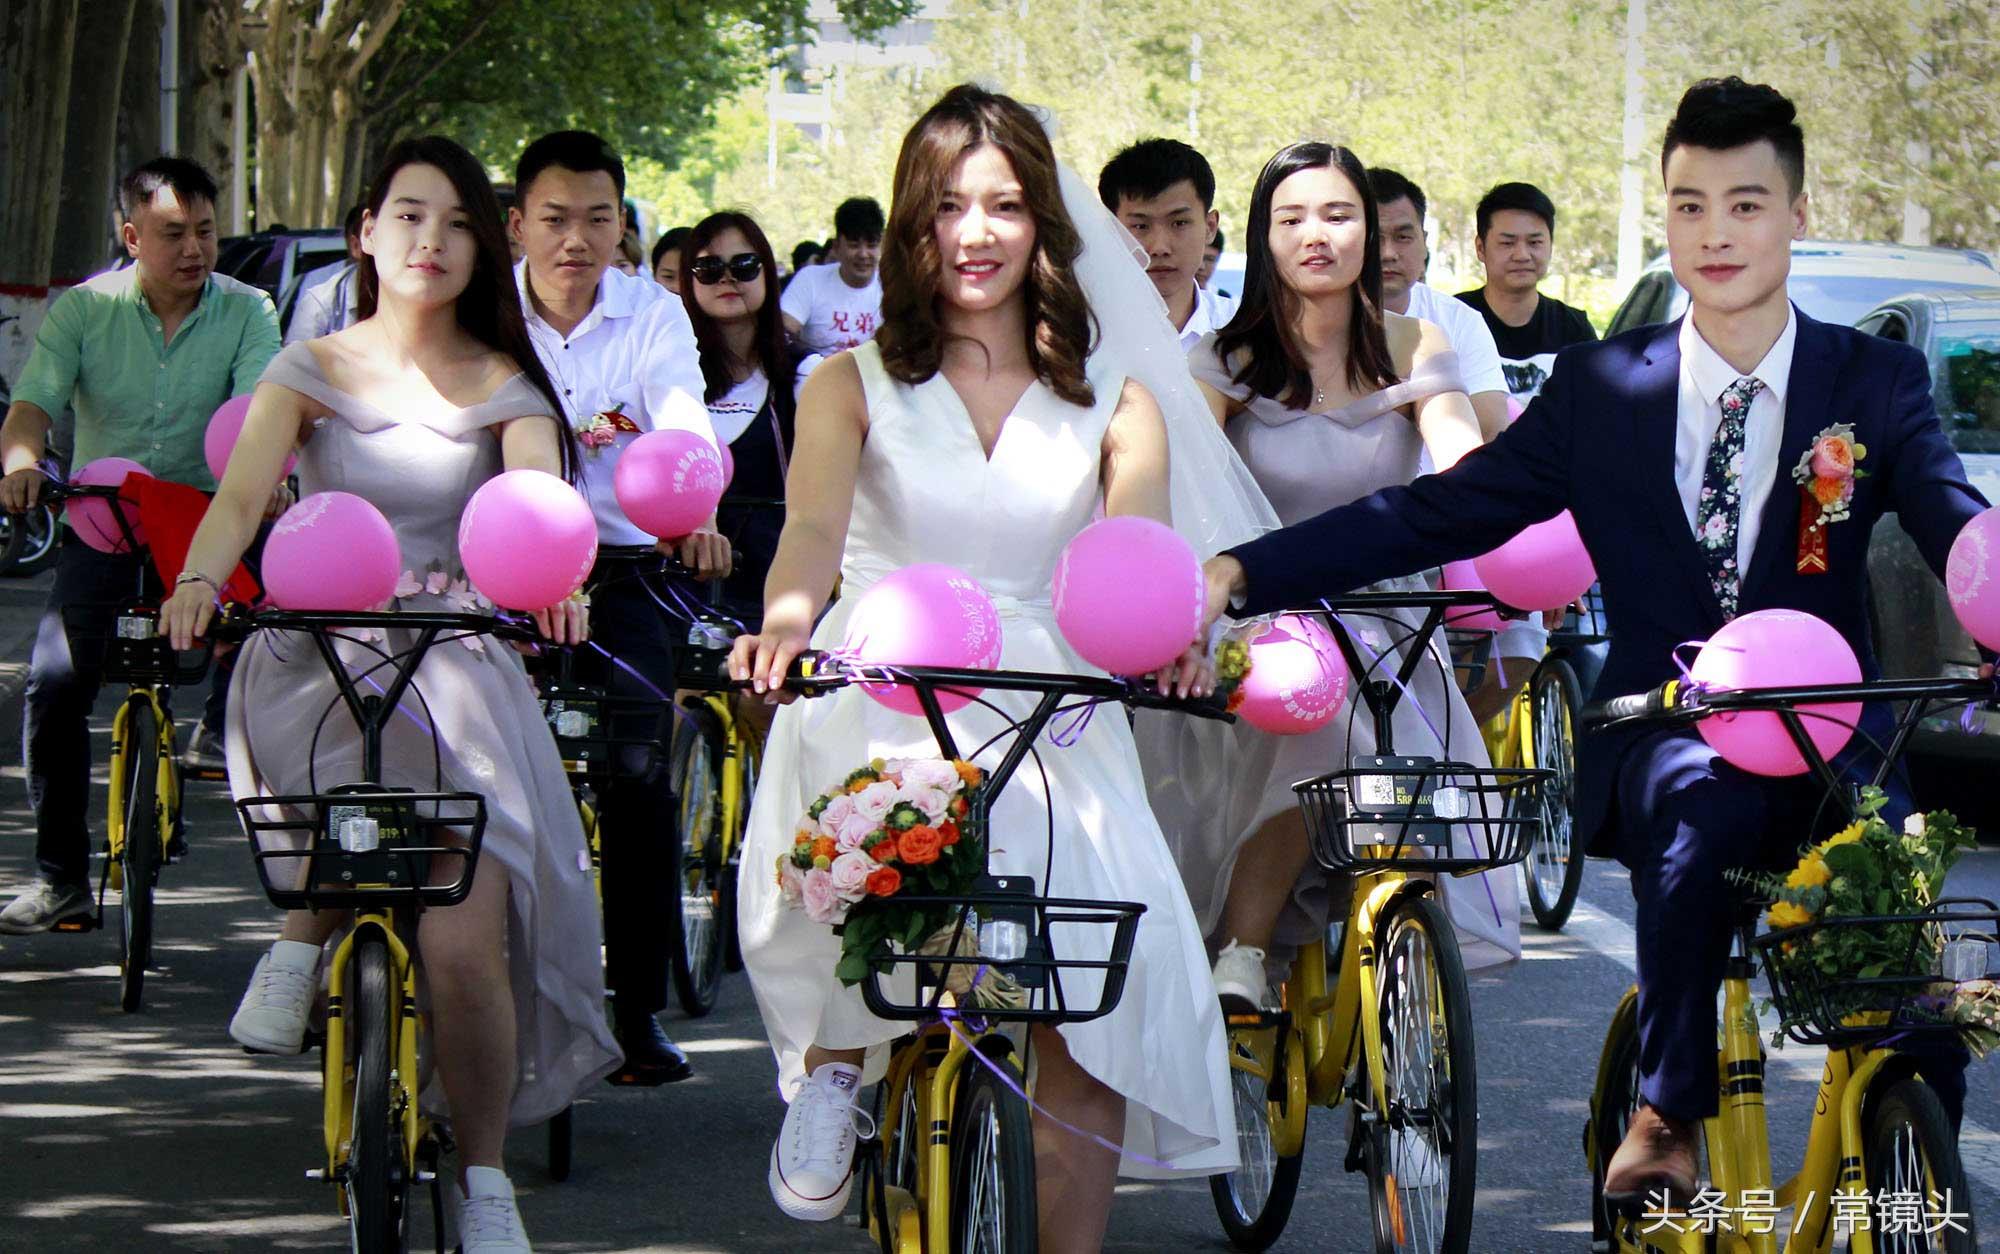 50辆共享单车组成的迎亲车队,成了街头上一道靓丽的风景线。